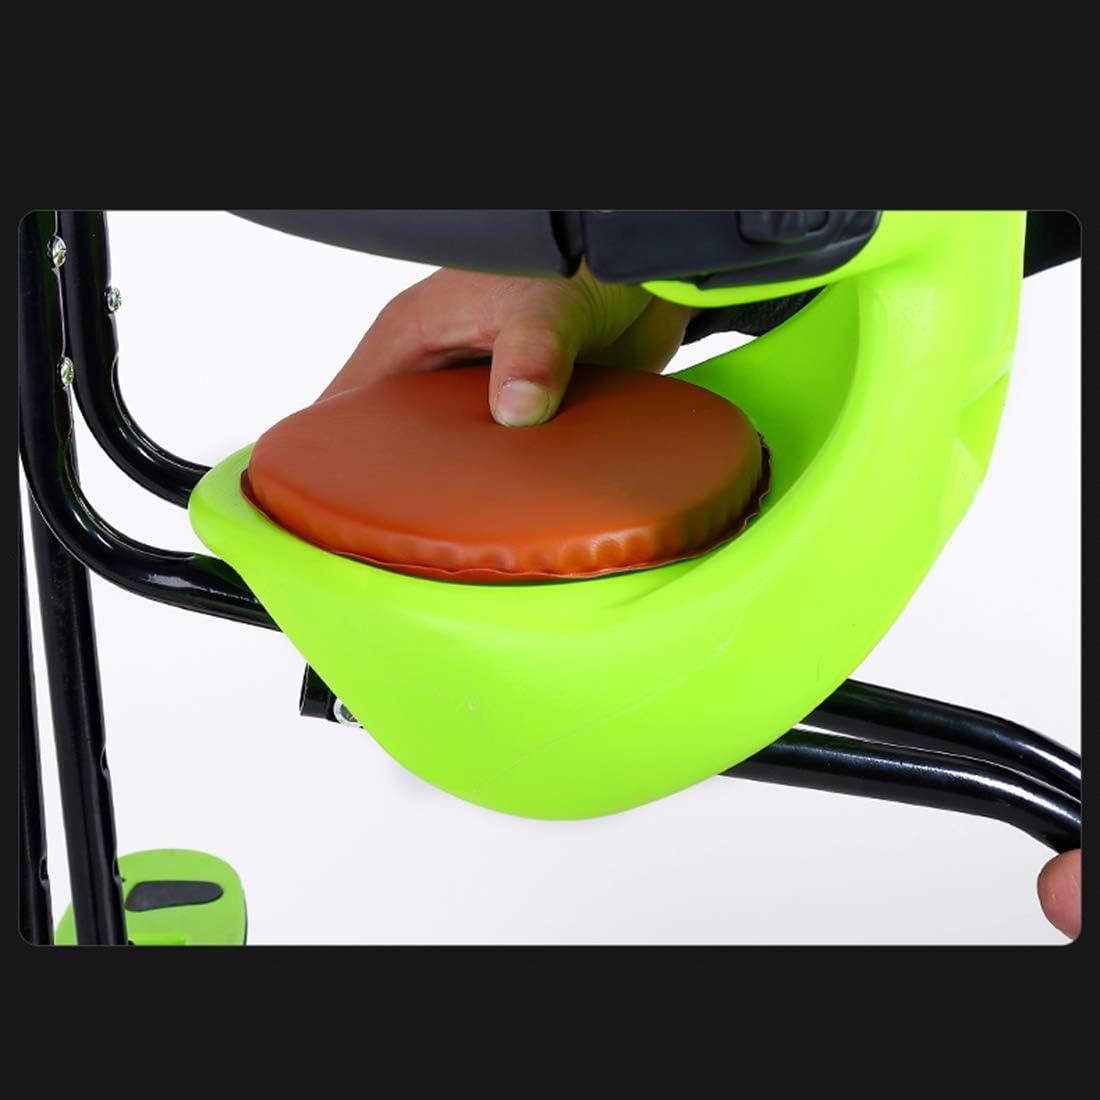 Max 50KG Bici Sedile Seggiolino Anteriore con Recinzione e Schienale per Bici da Corsa MTB MAJOZ0 Seggiolino Bicicletta Anteriore per Bambino